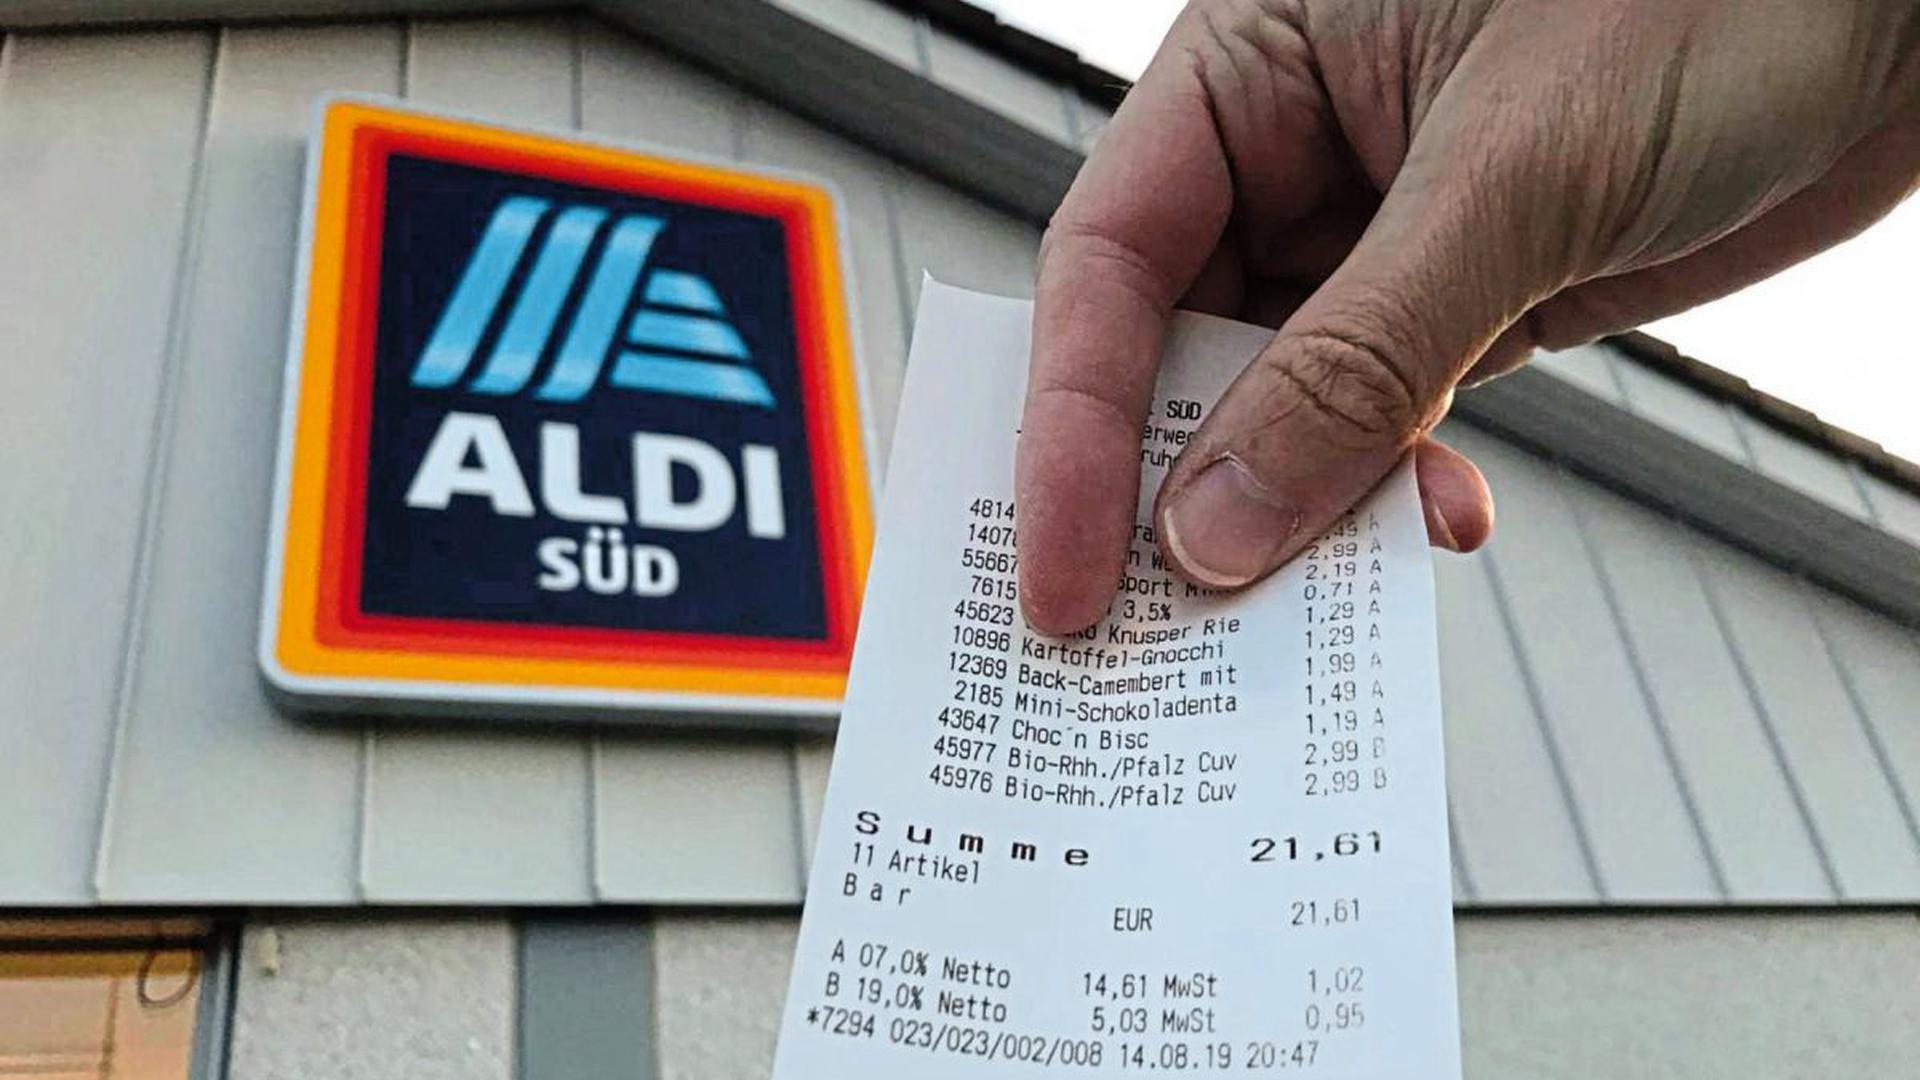 Einen anderen Weg als die Konkurrenz geht Aldi Süd bei seinen Kassenzetteln. Darauf wird bei Barzahlungen weder angegeben, wie viel Geld der Kunde gegeben hat – noch findet sich eine Angabe zum Rückgeld auf dem Ausdruck.